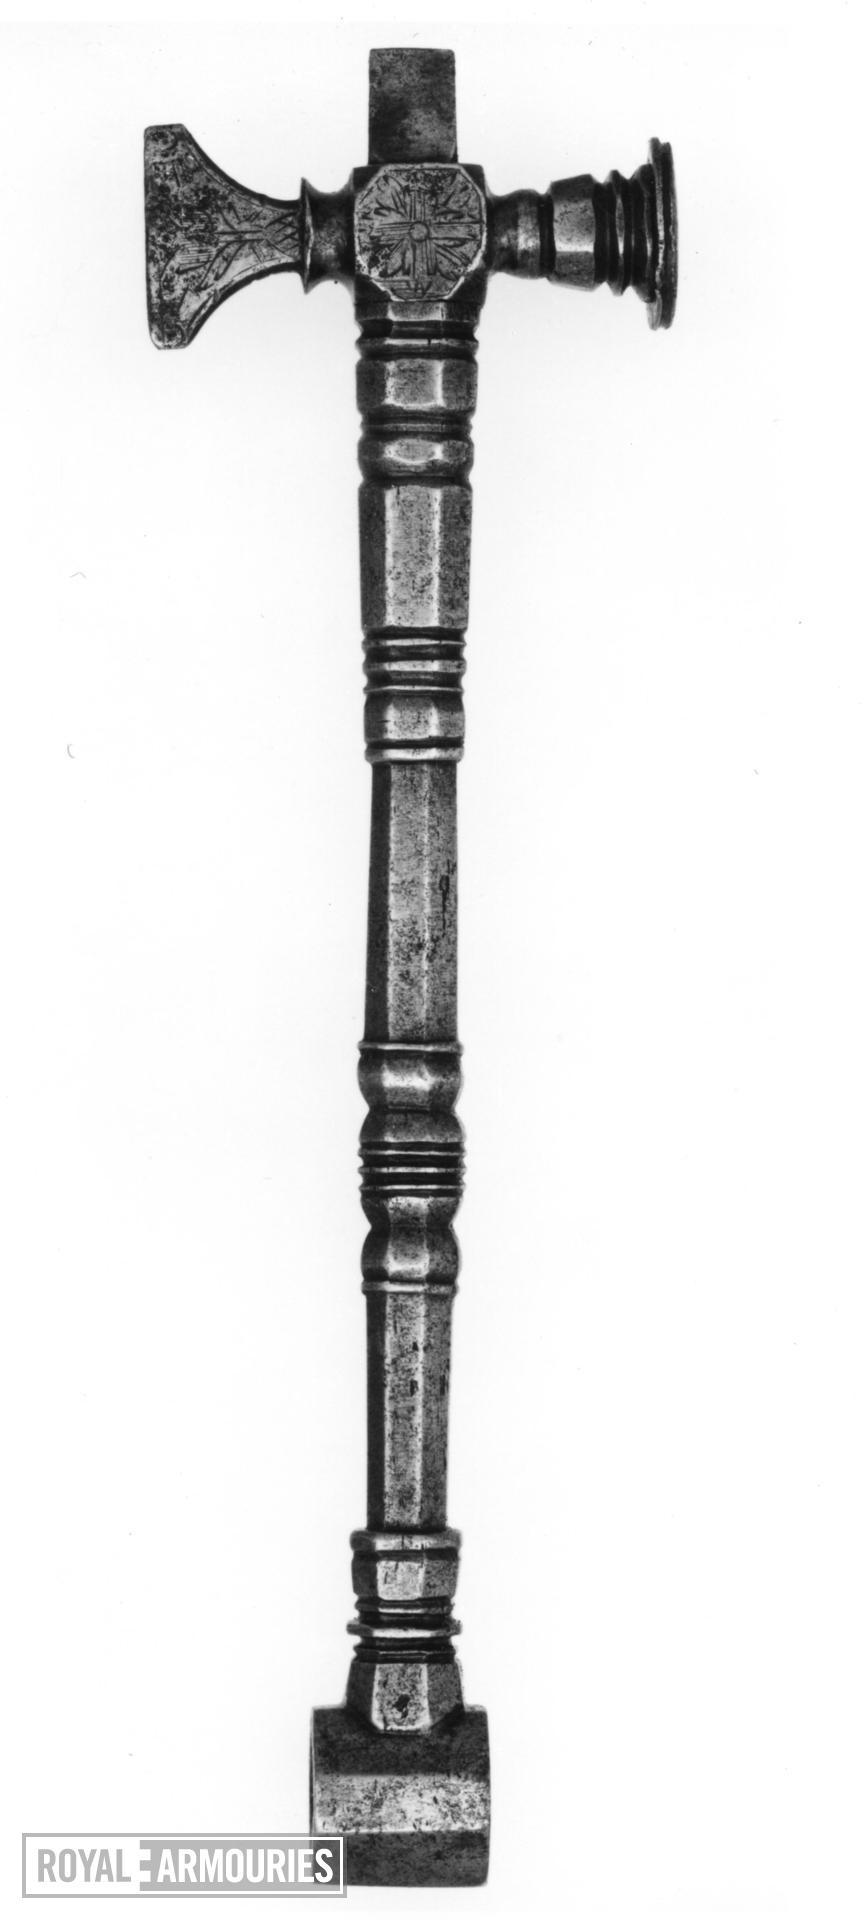 Wheellock spanner